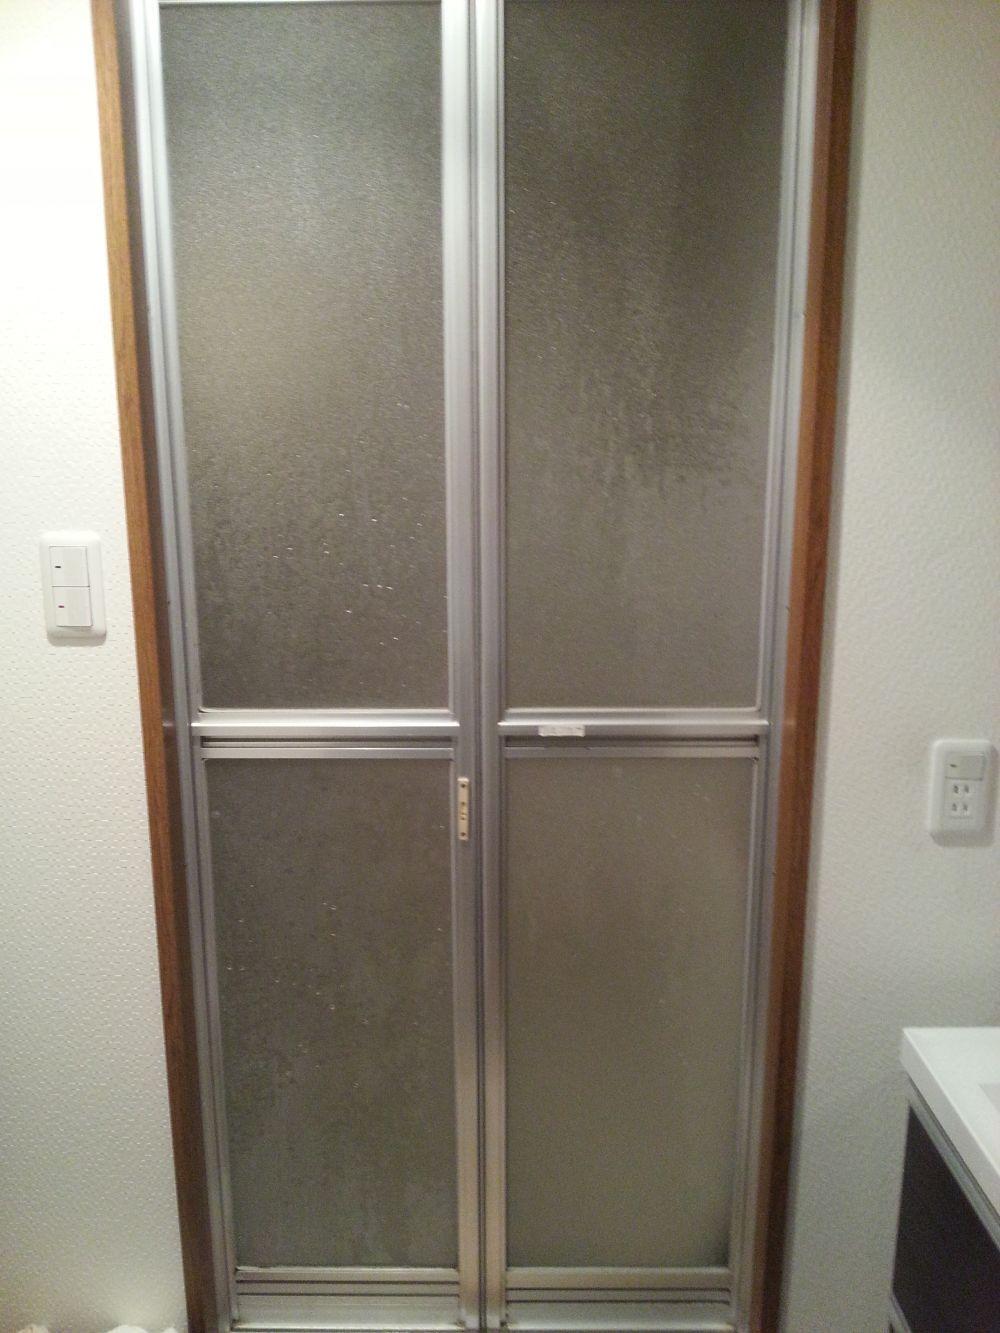 風呂 お風呂のリフォーム 相場 : お風呂ドアを交換